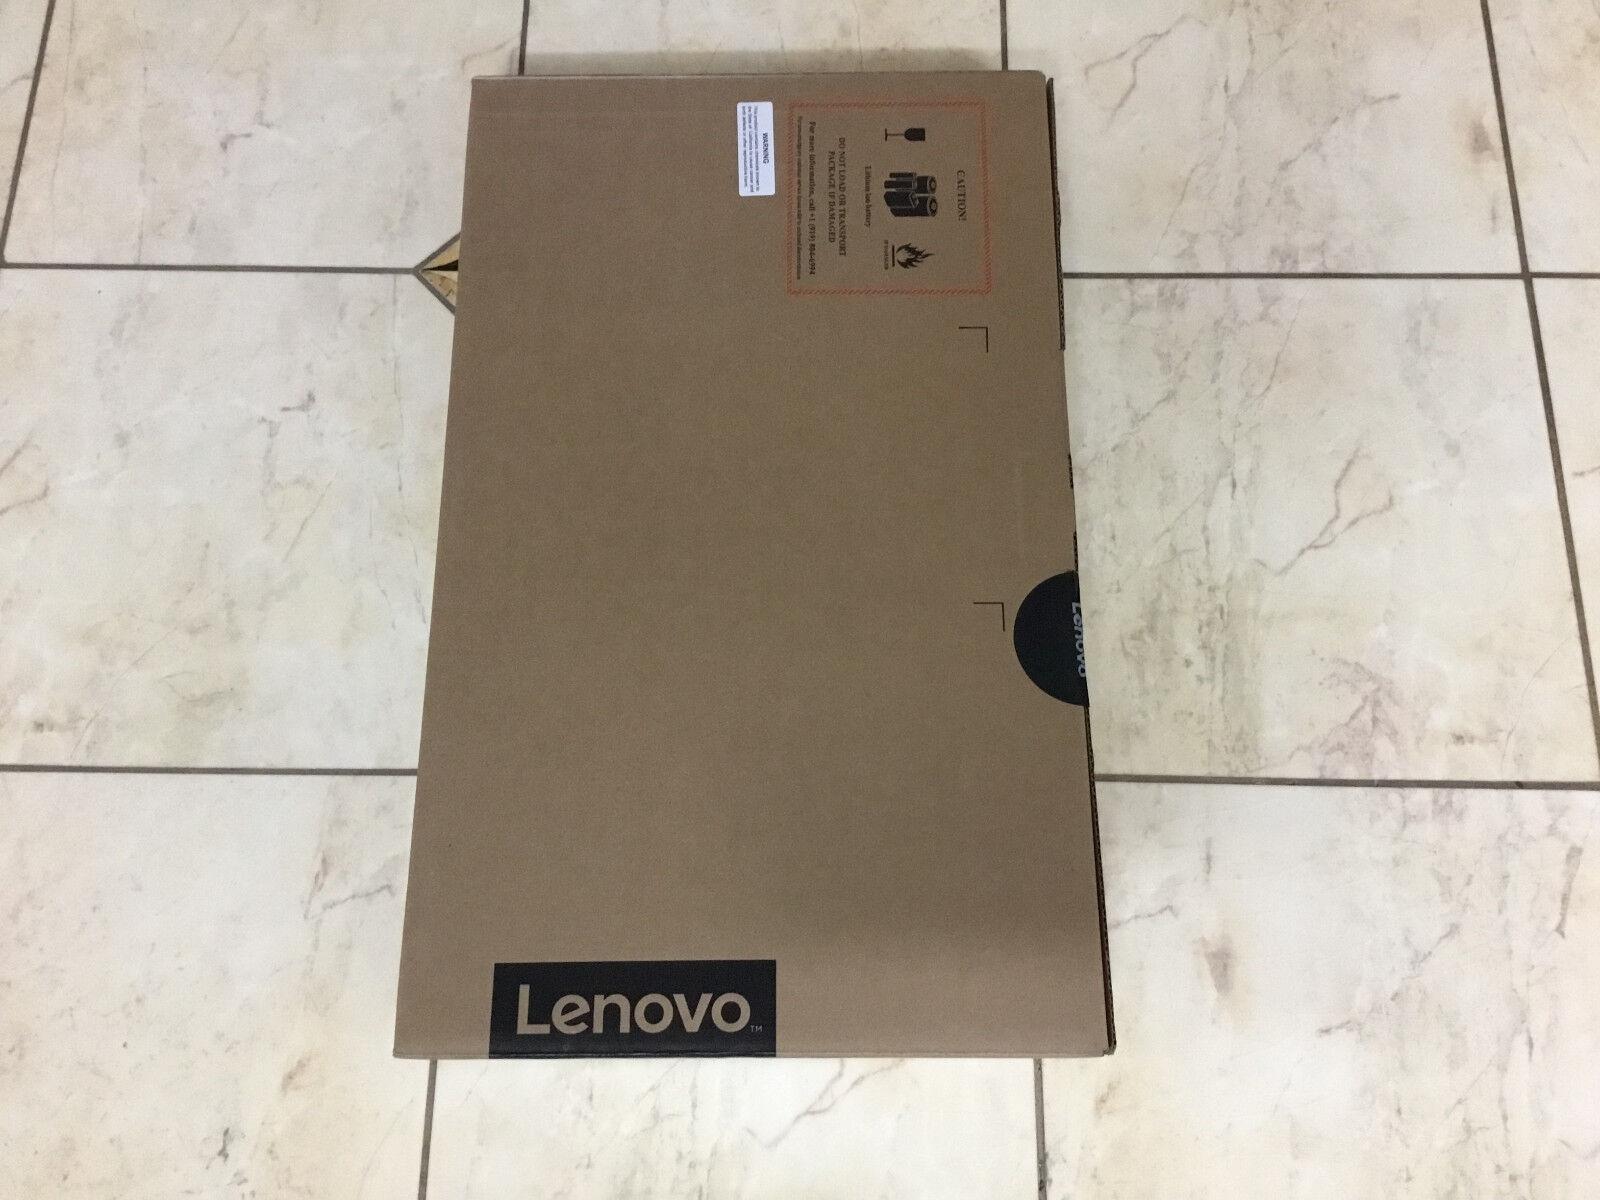 Изображение товара Lenovo Ideapad 510 - 15.6